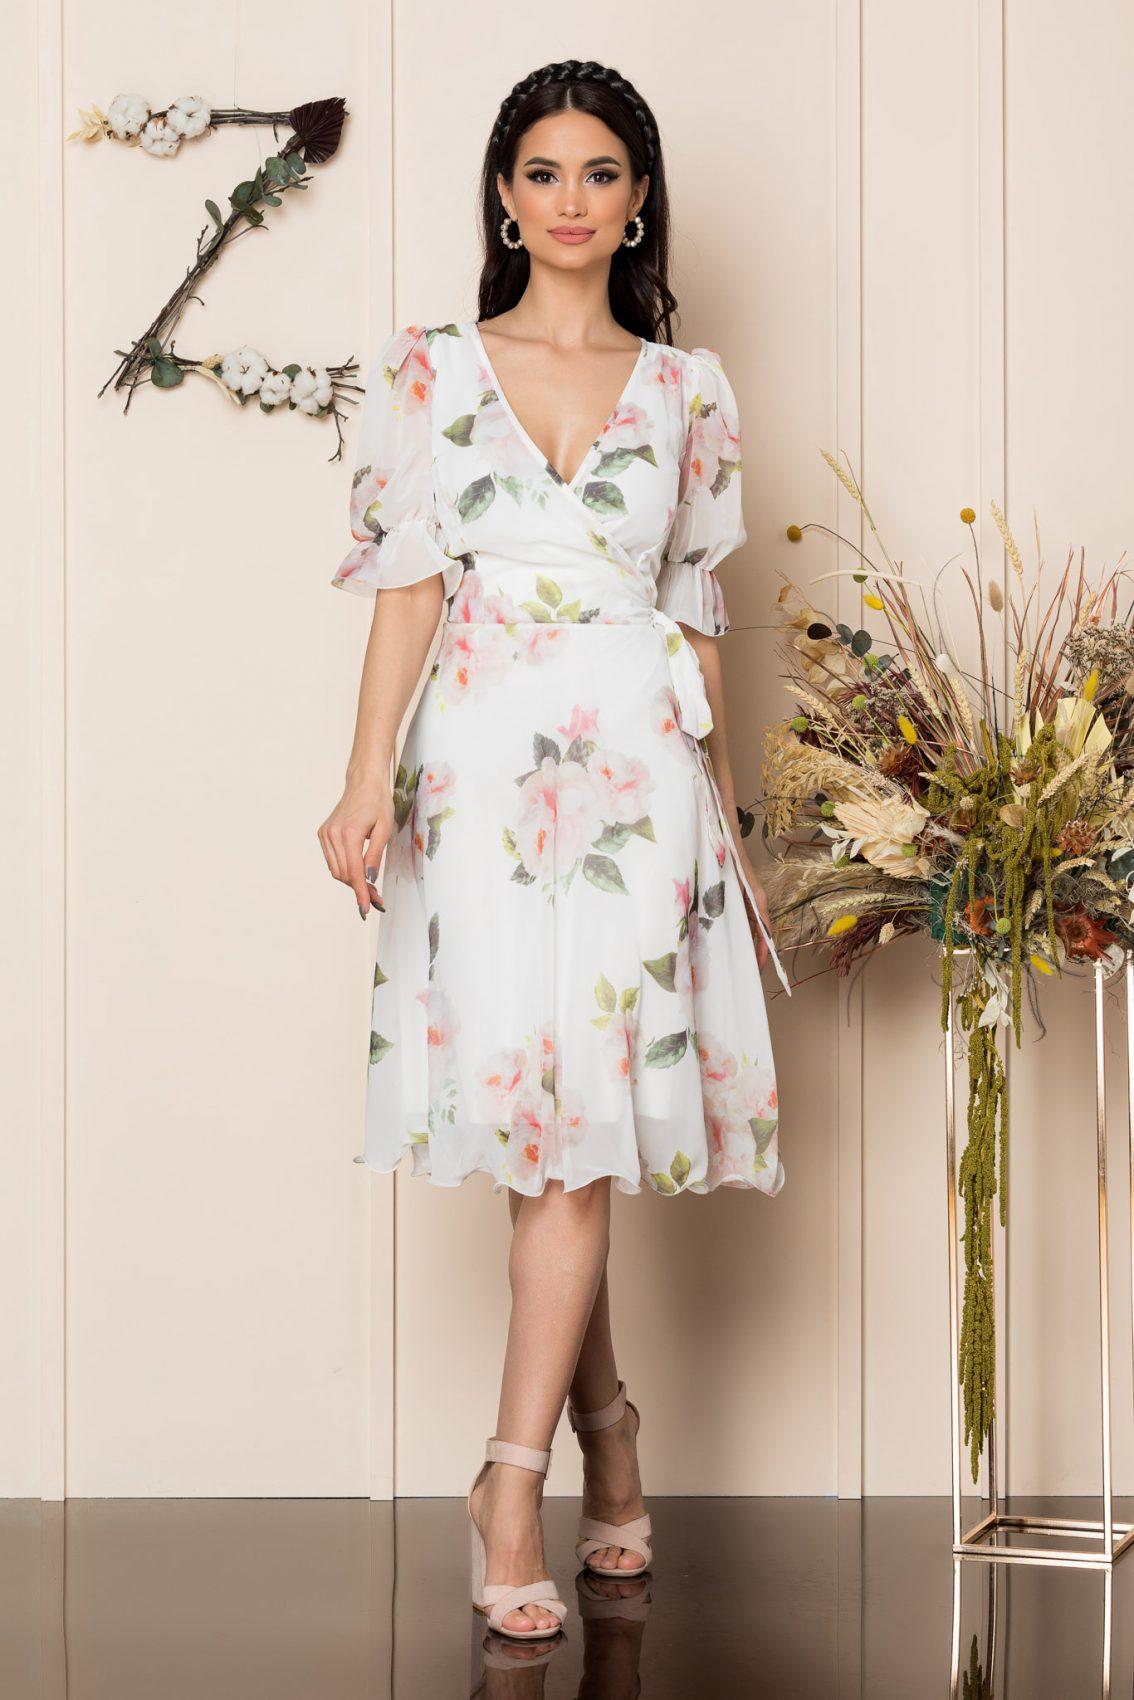 Λευκό Μίντι Φλοράλ Φόρεμα Hanelore A227 1